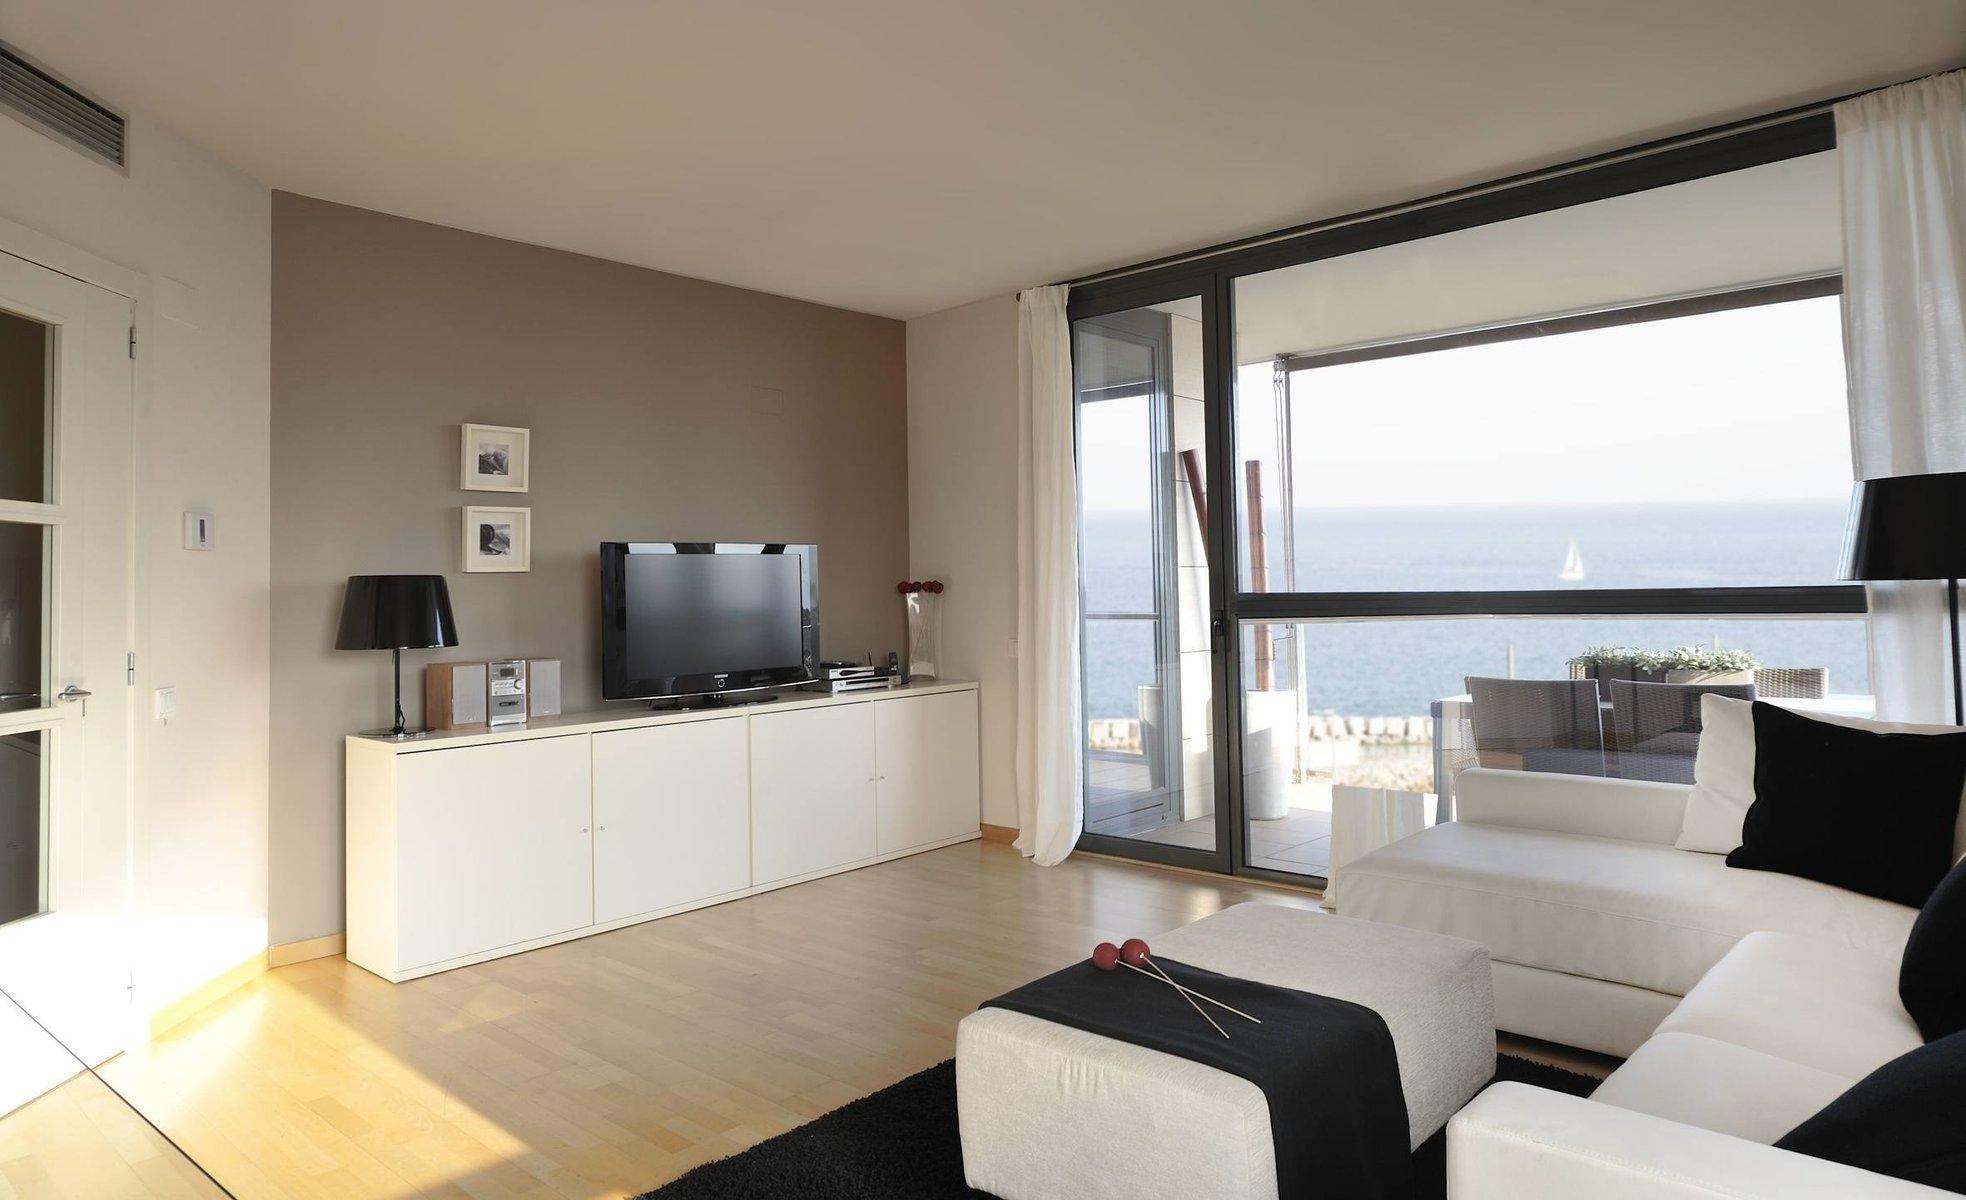 Жильё без прописки. что нужно знать об апартаментах   цены и рынок   недвижимость